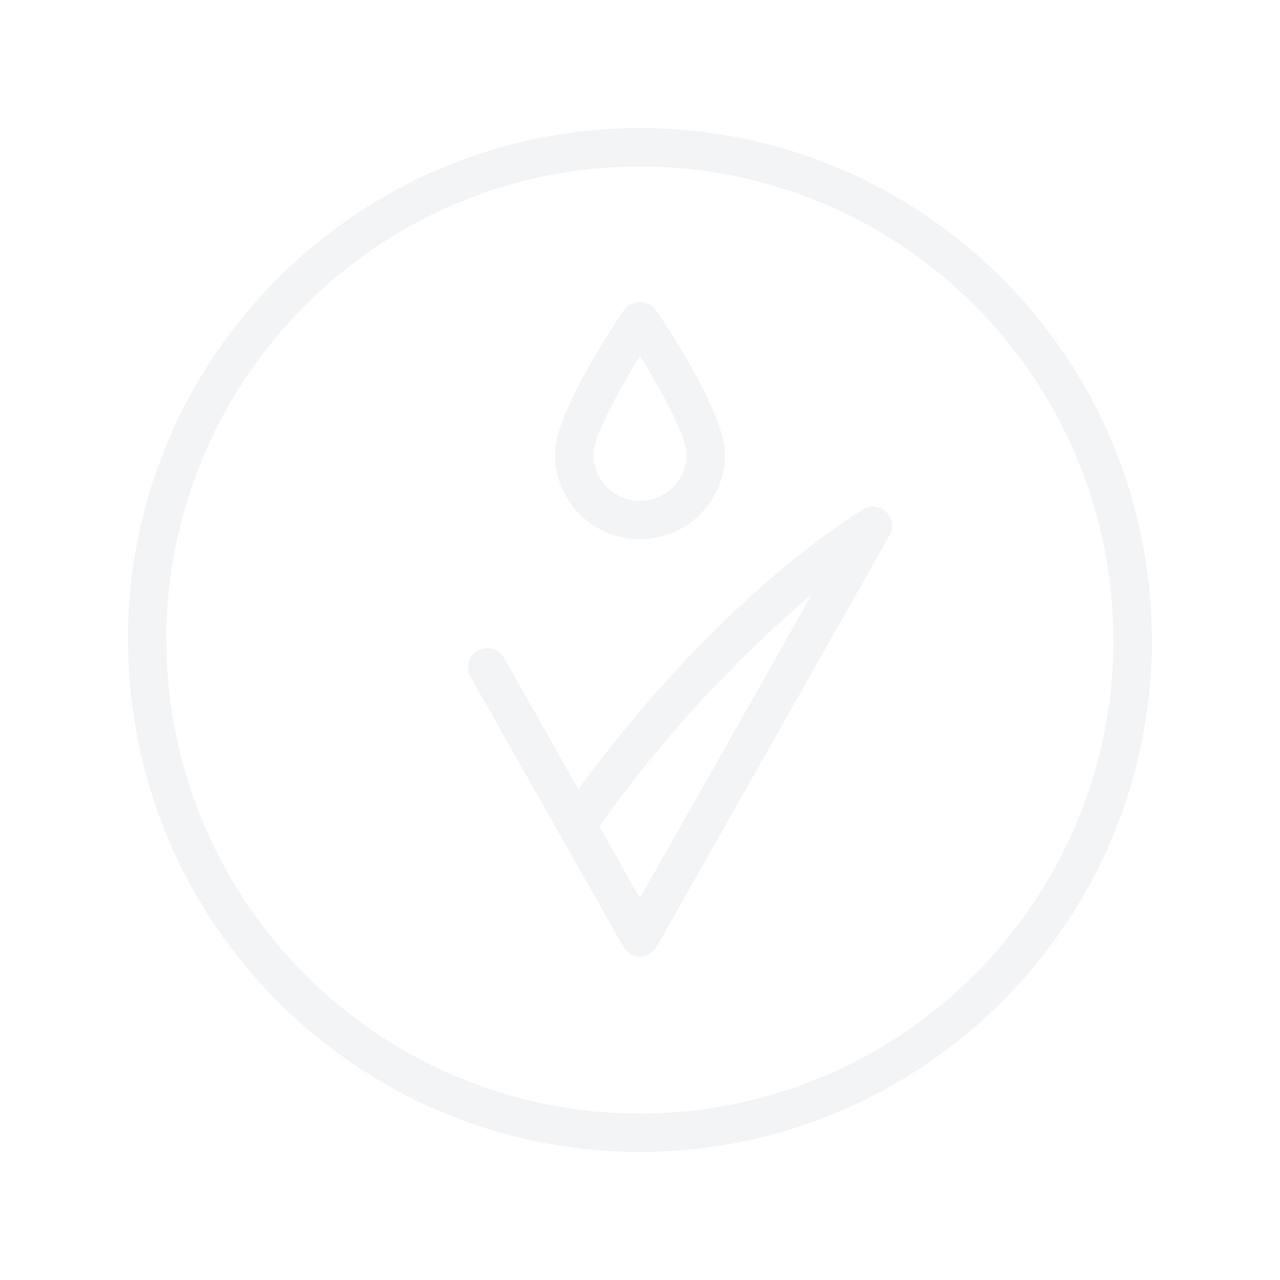 Guerlain KissKIss Roselip Tinted Lip Balm 2.8g